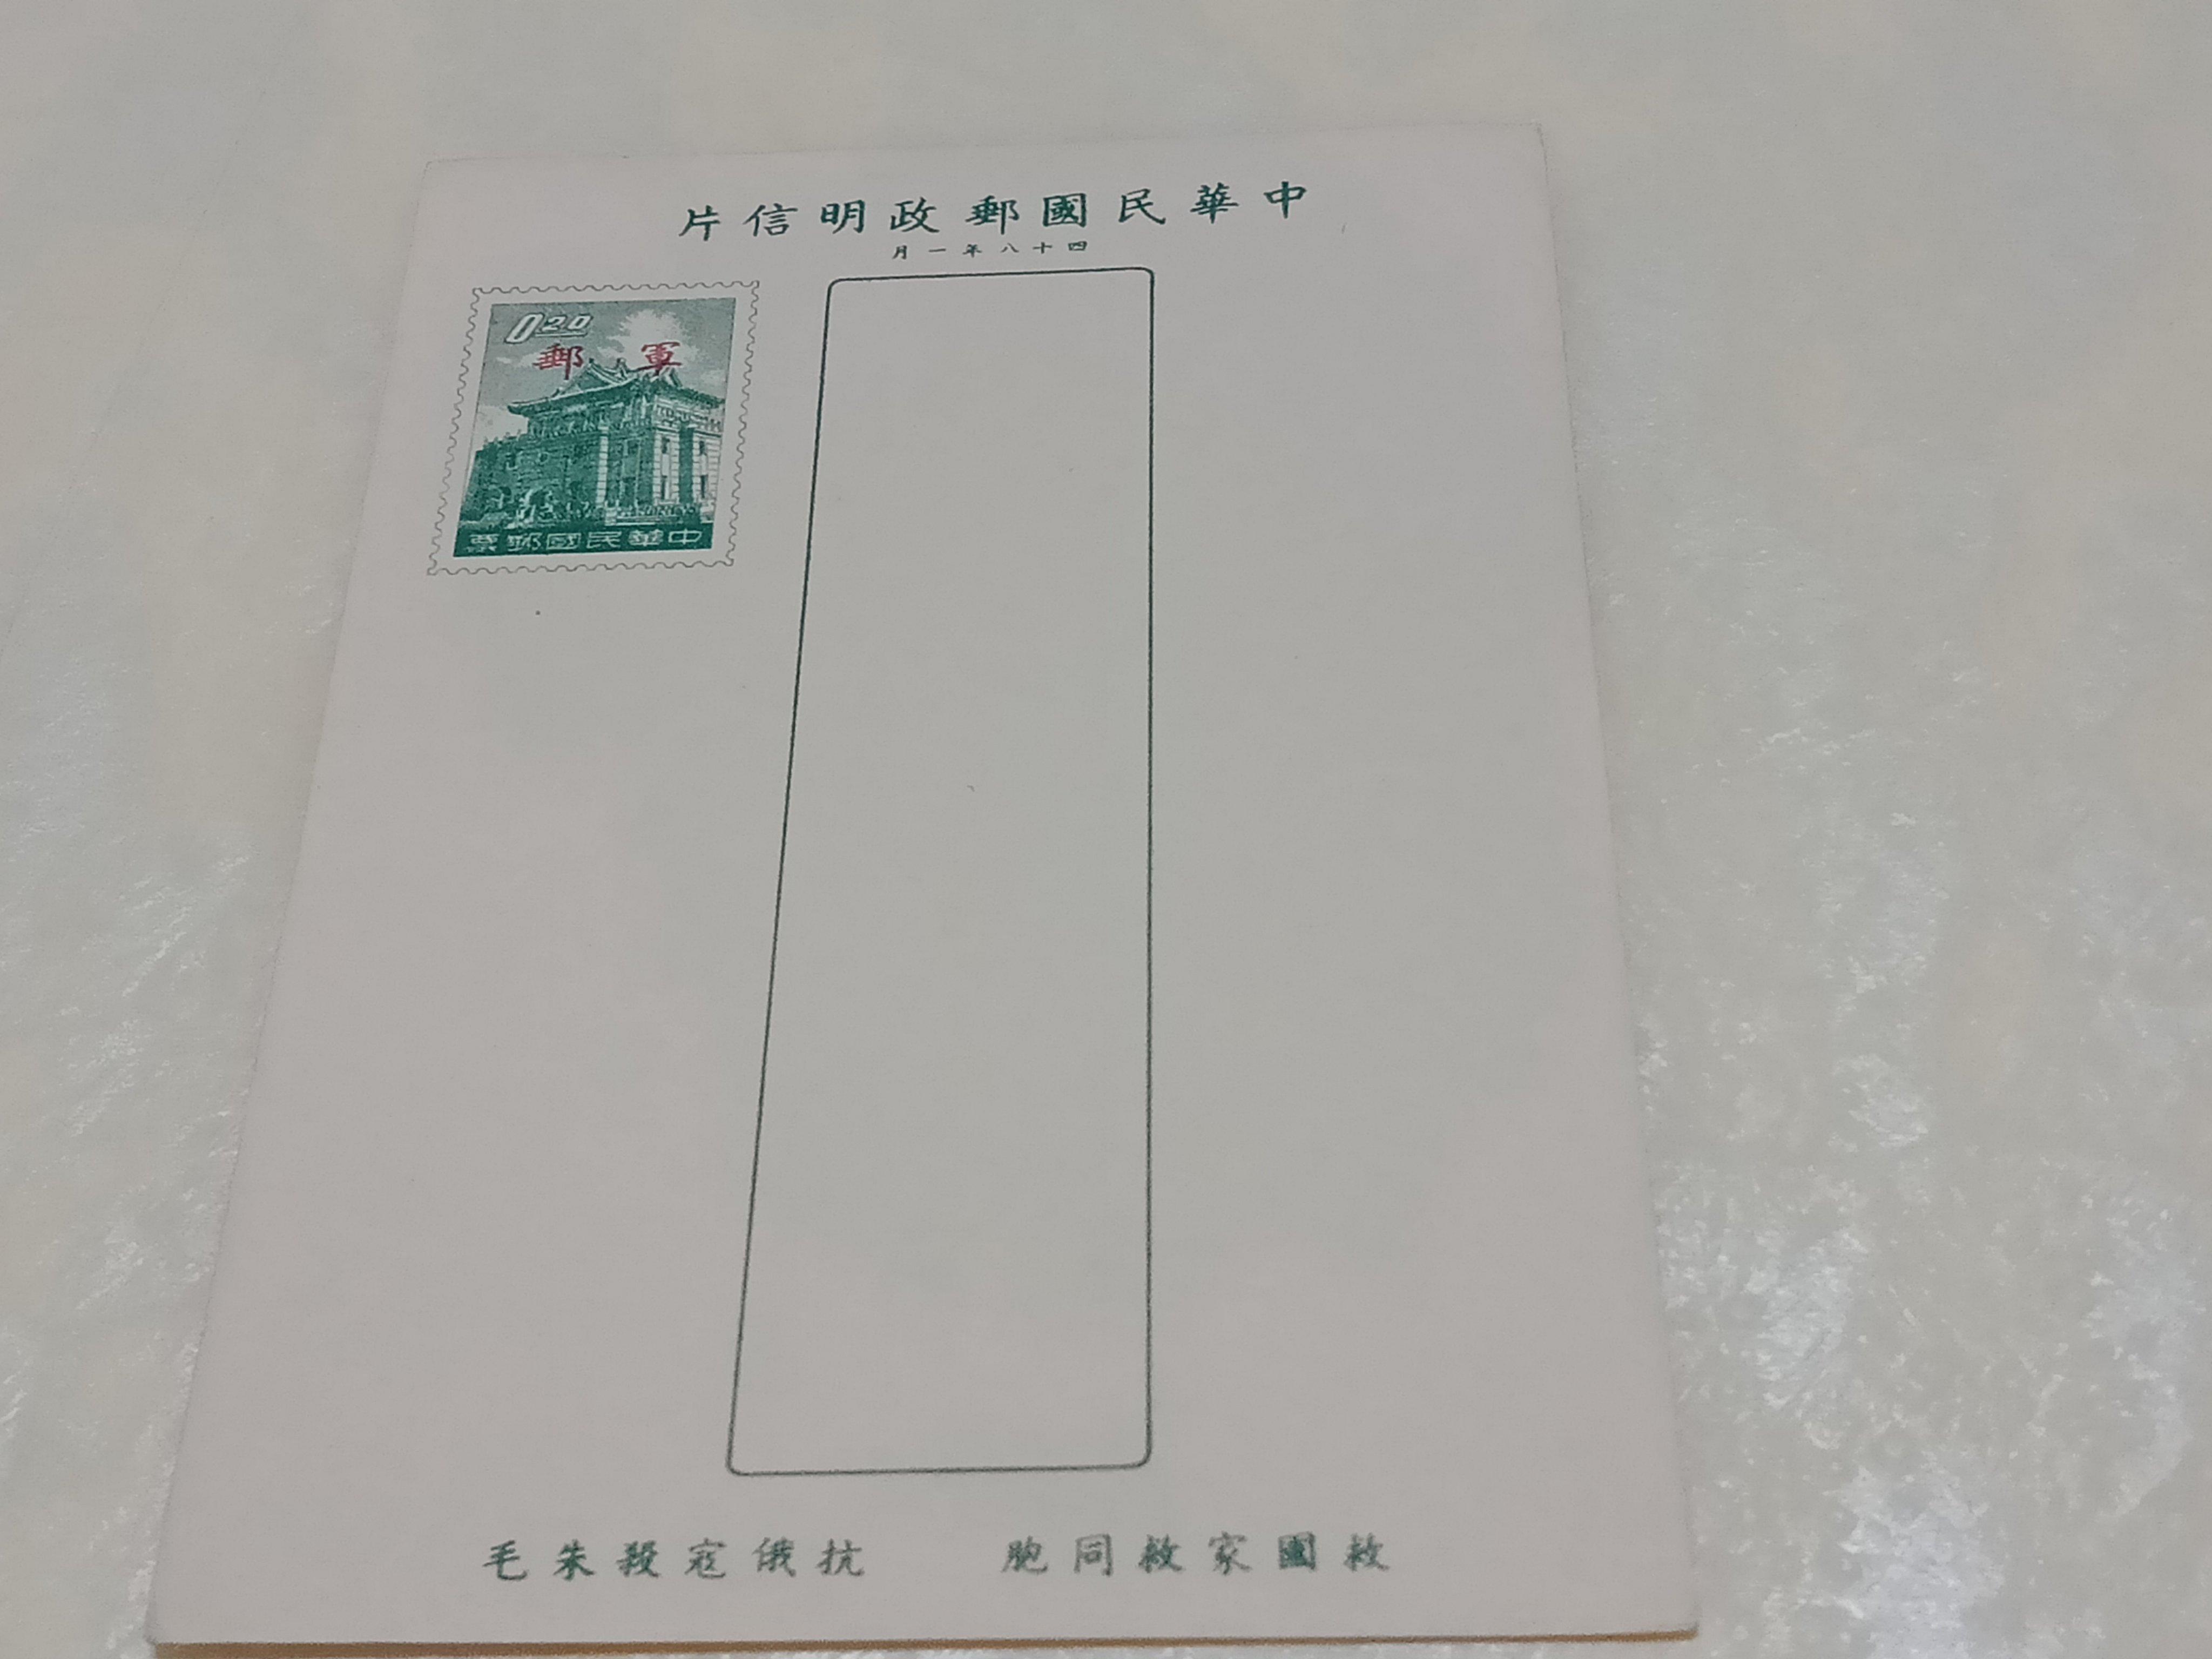 民國48年中華民國郵政軍郵面額二角明信片全新未使用